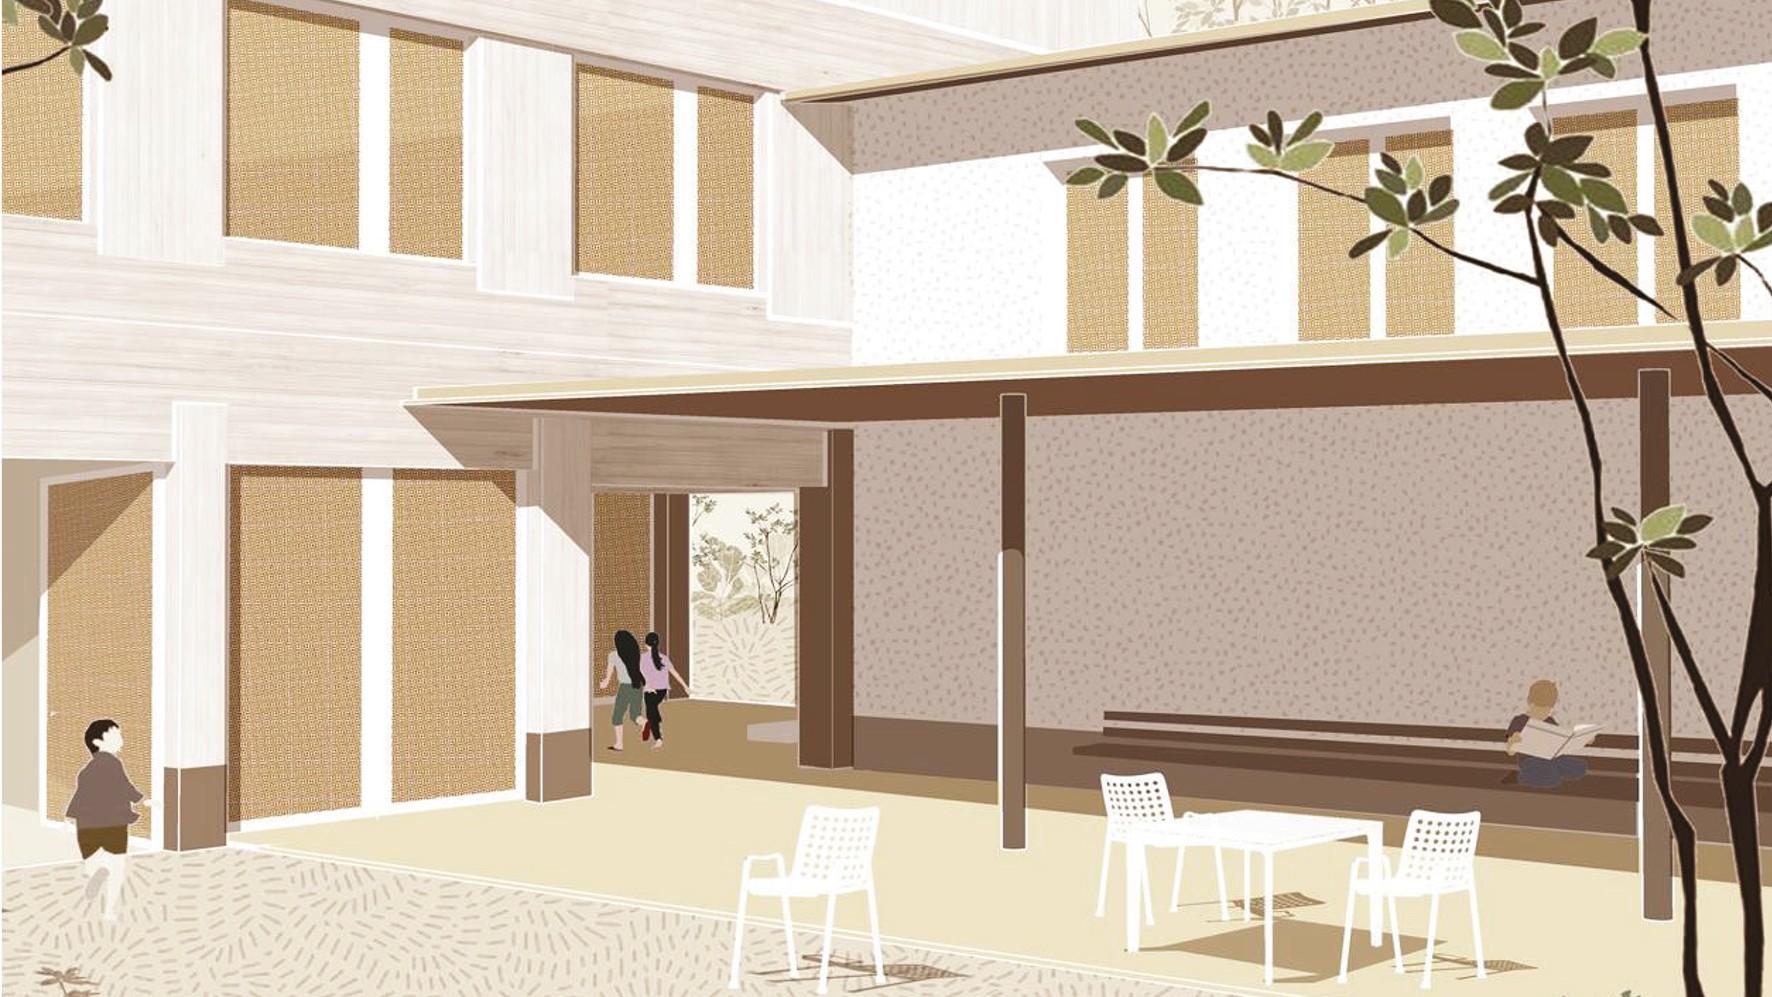 Verbindung zwischen Erweiterung und Bestand Schulhaus In der Ey (Visualisierung)